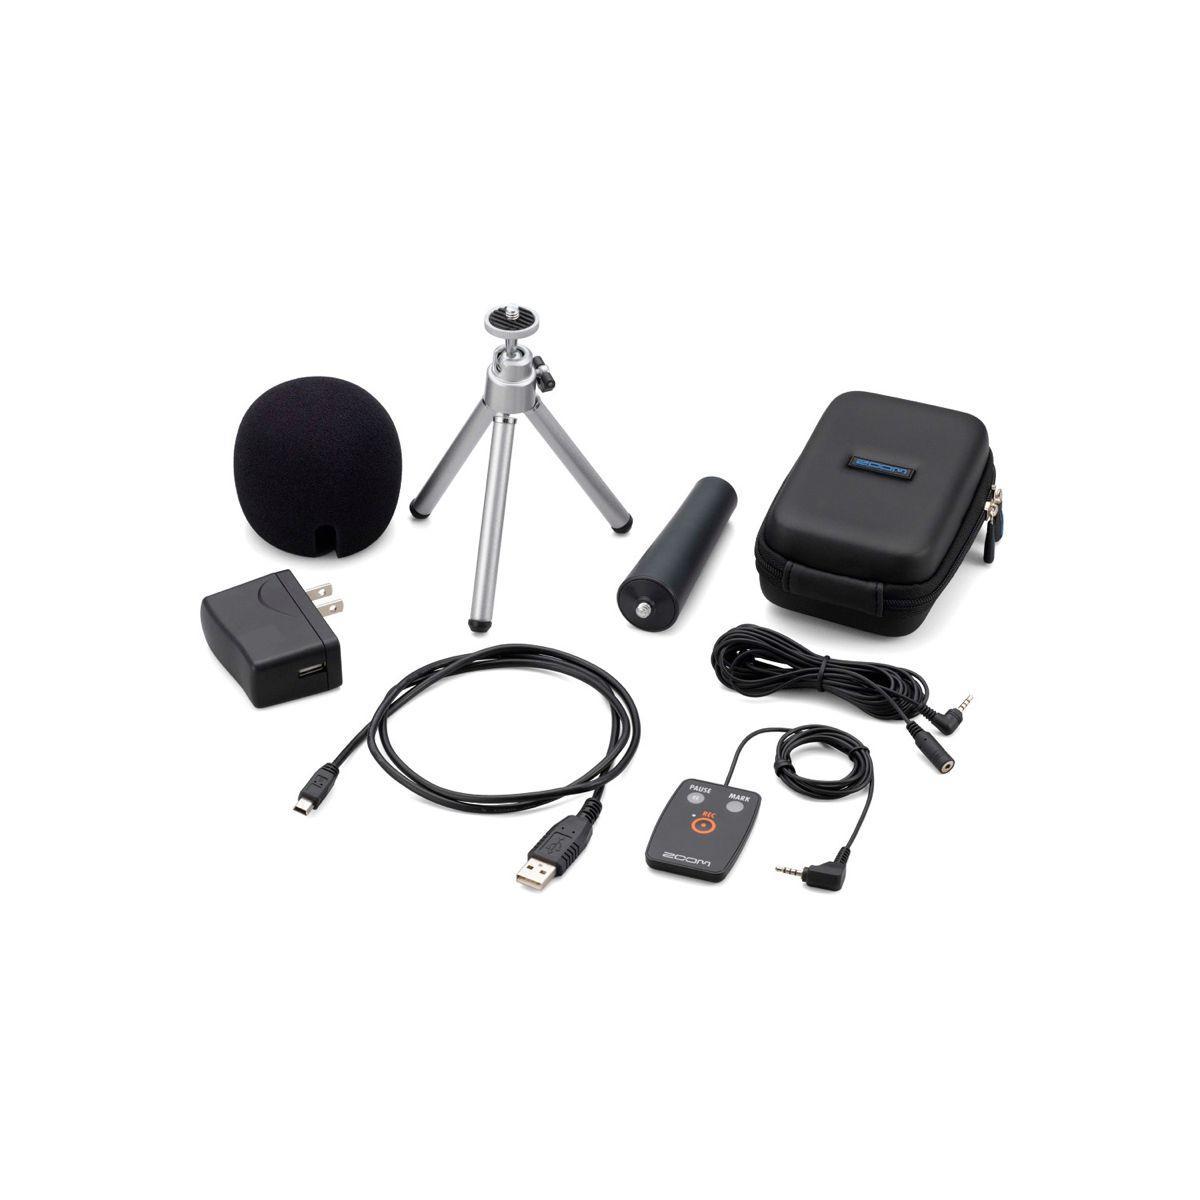 Kit . aph-2n - pack d'accessoires pour h - 10% de remise immédiate avec le code : cool10 (photo)